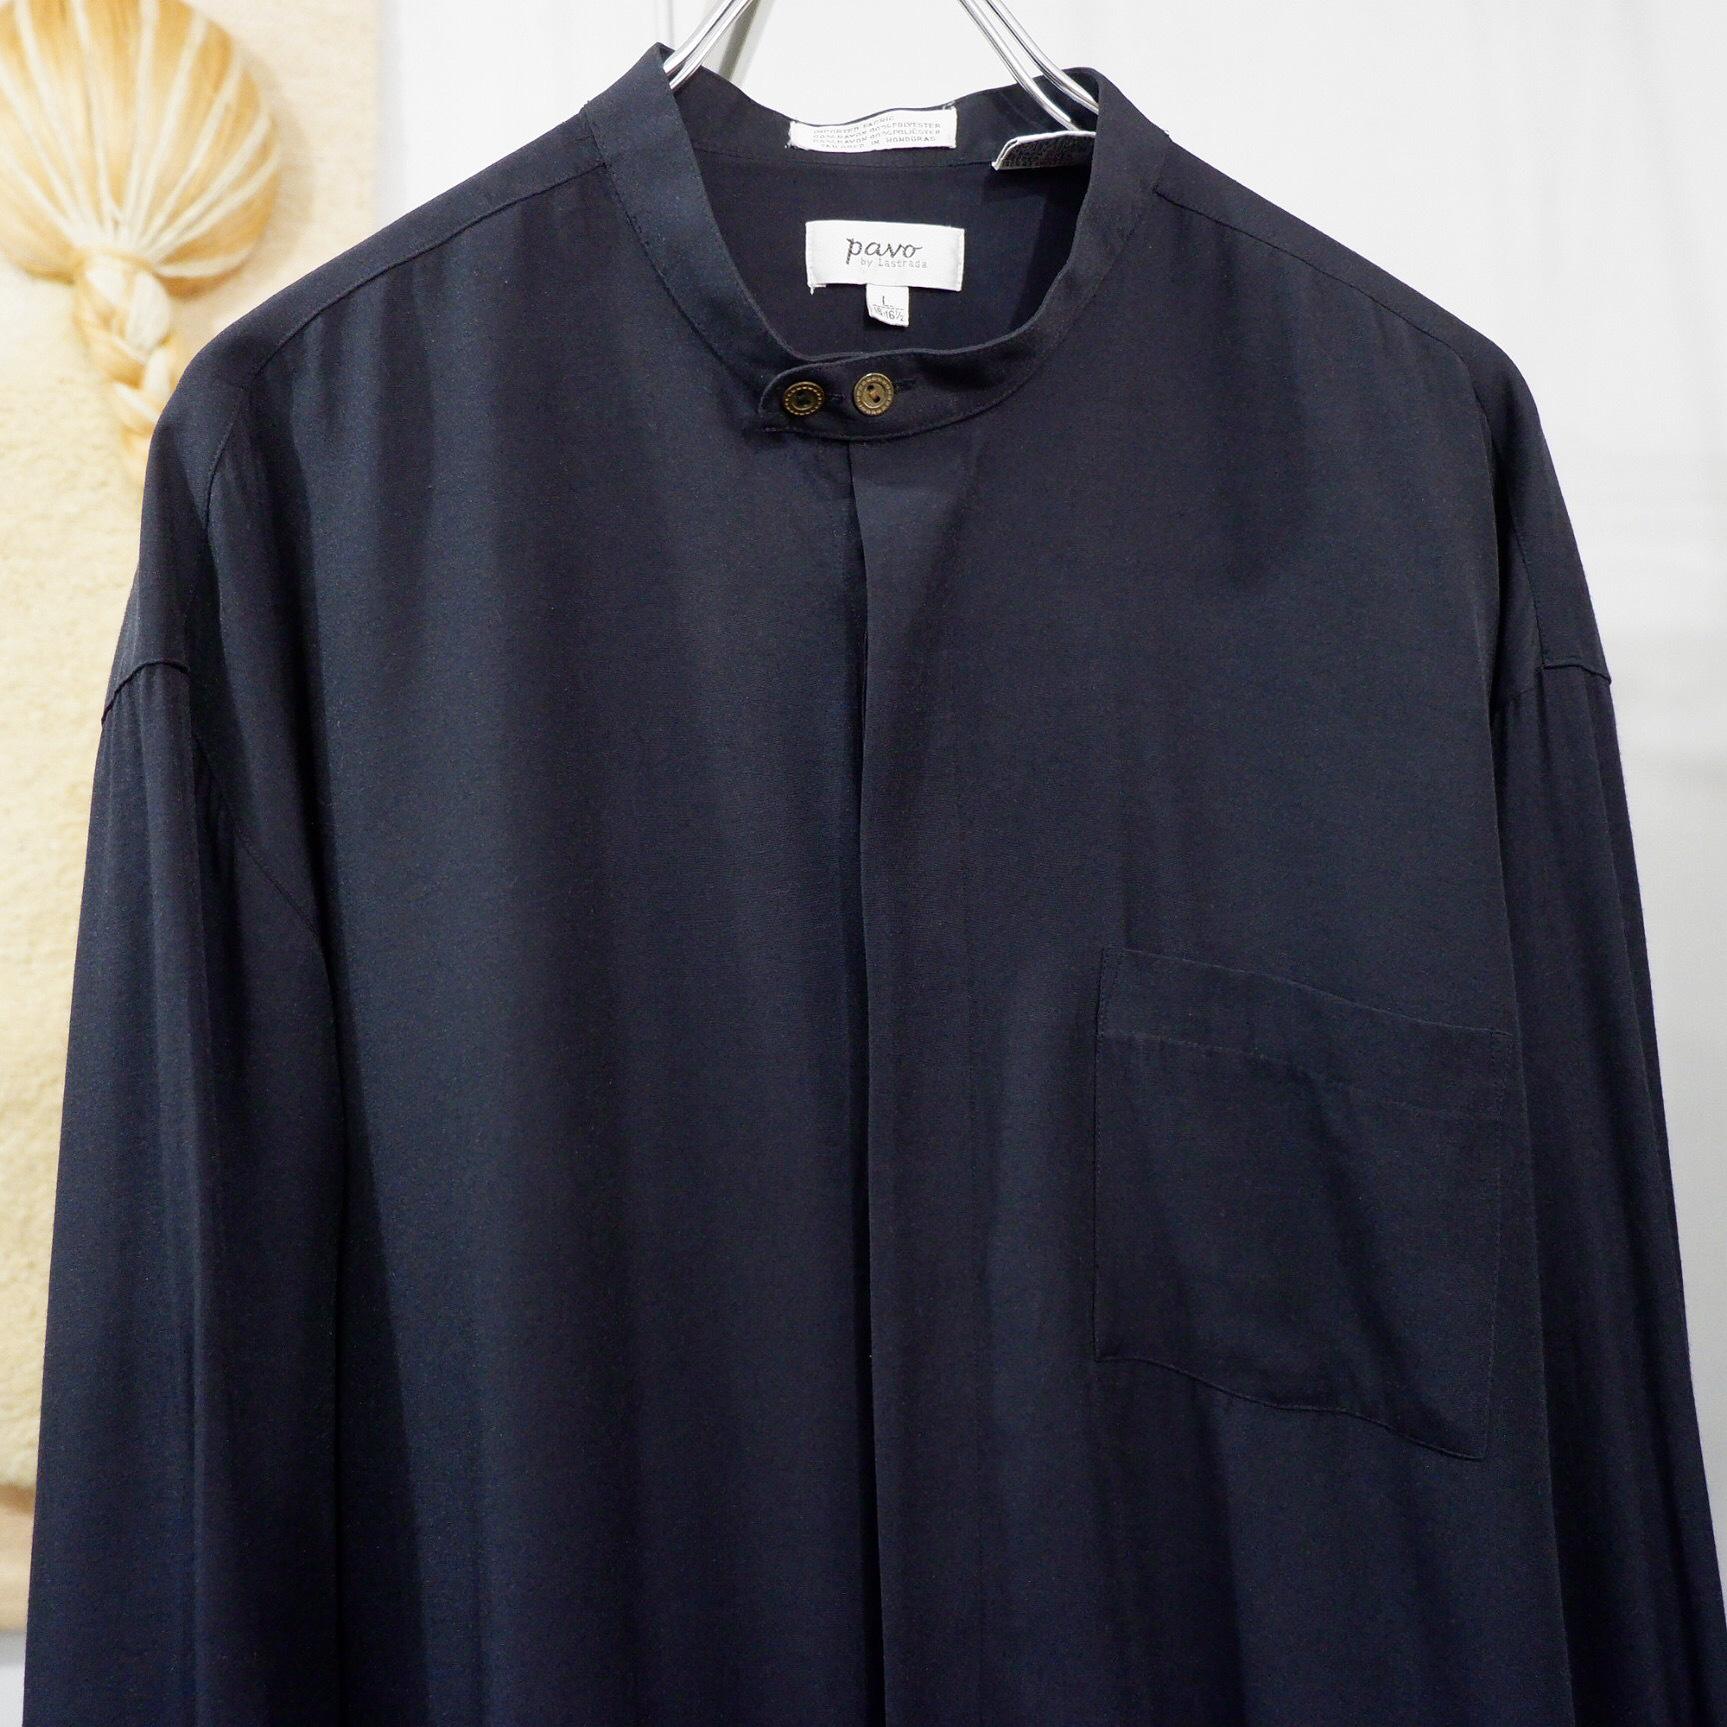 アメリカ古着 ブラック レーヨン バンドカラー シャツ